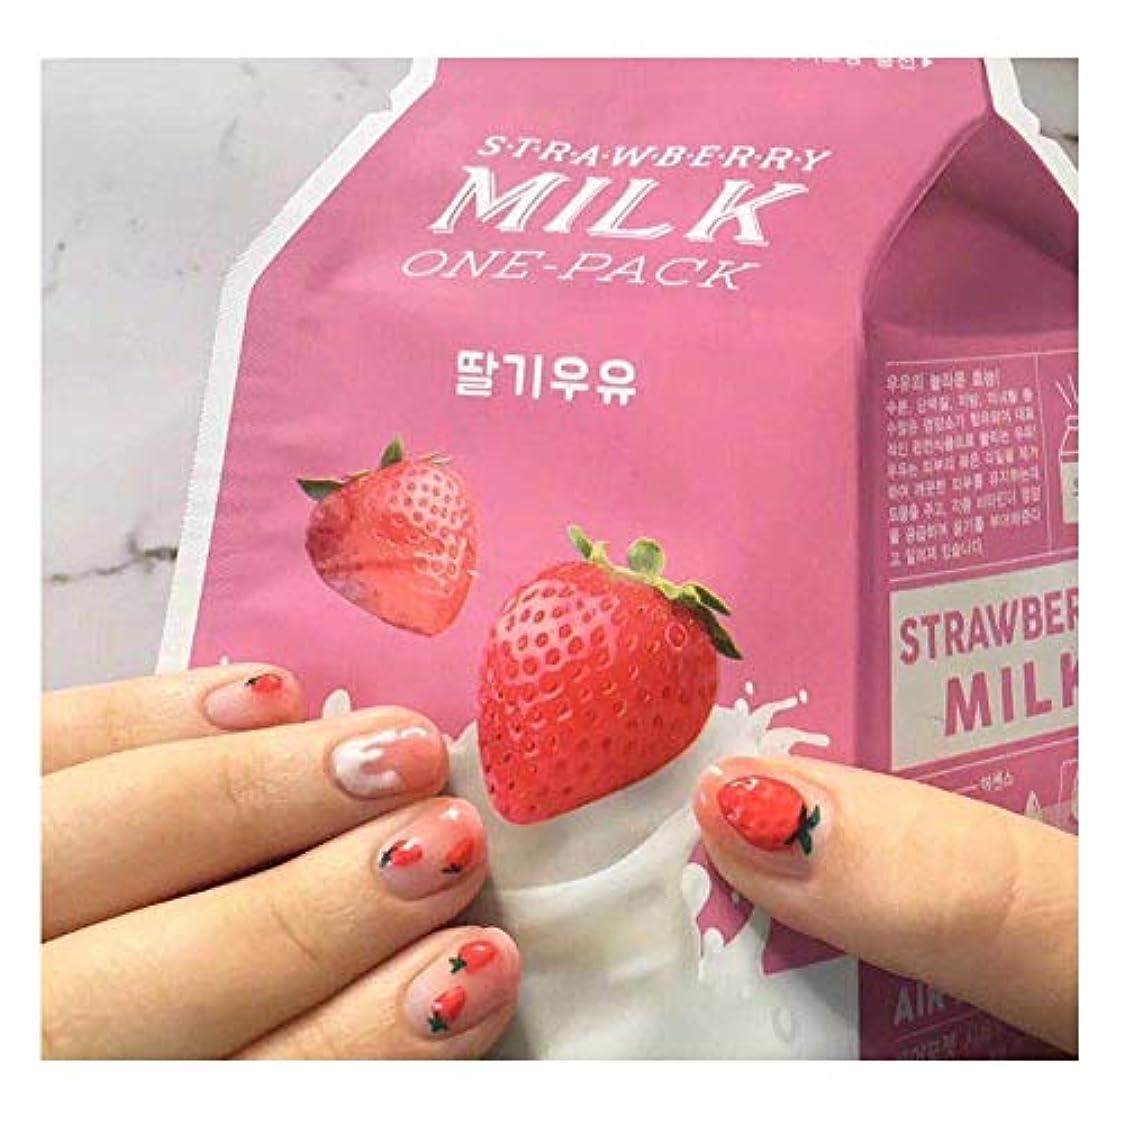 入射終点姉妹LVUITTON 透明ピンクのイチゴの偽の爪の短い正方形のネイルグルー仕上げネイルアート偽の釘 (色 : 24 pieces)